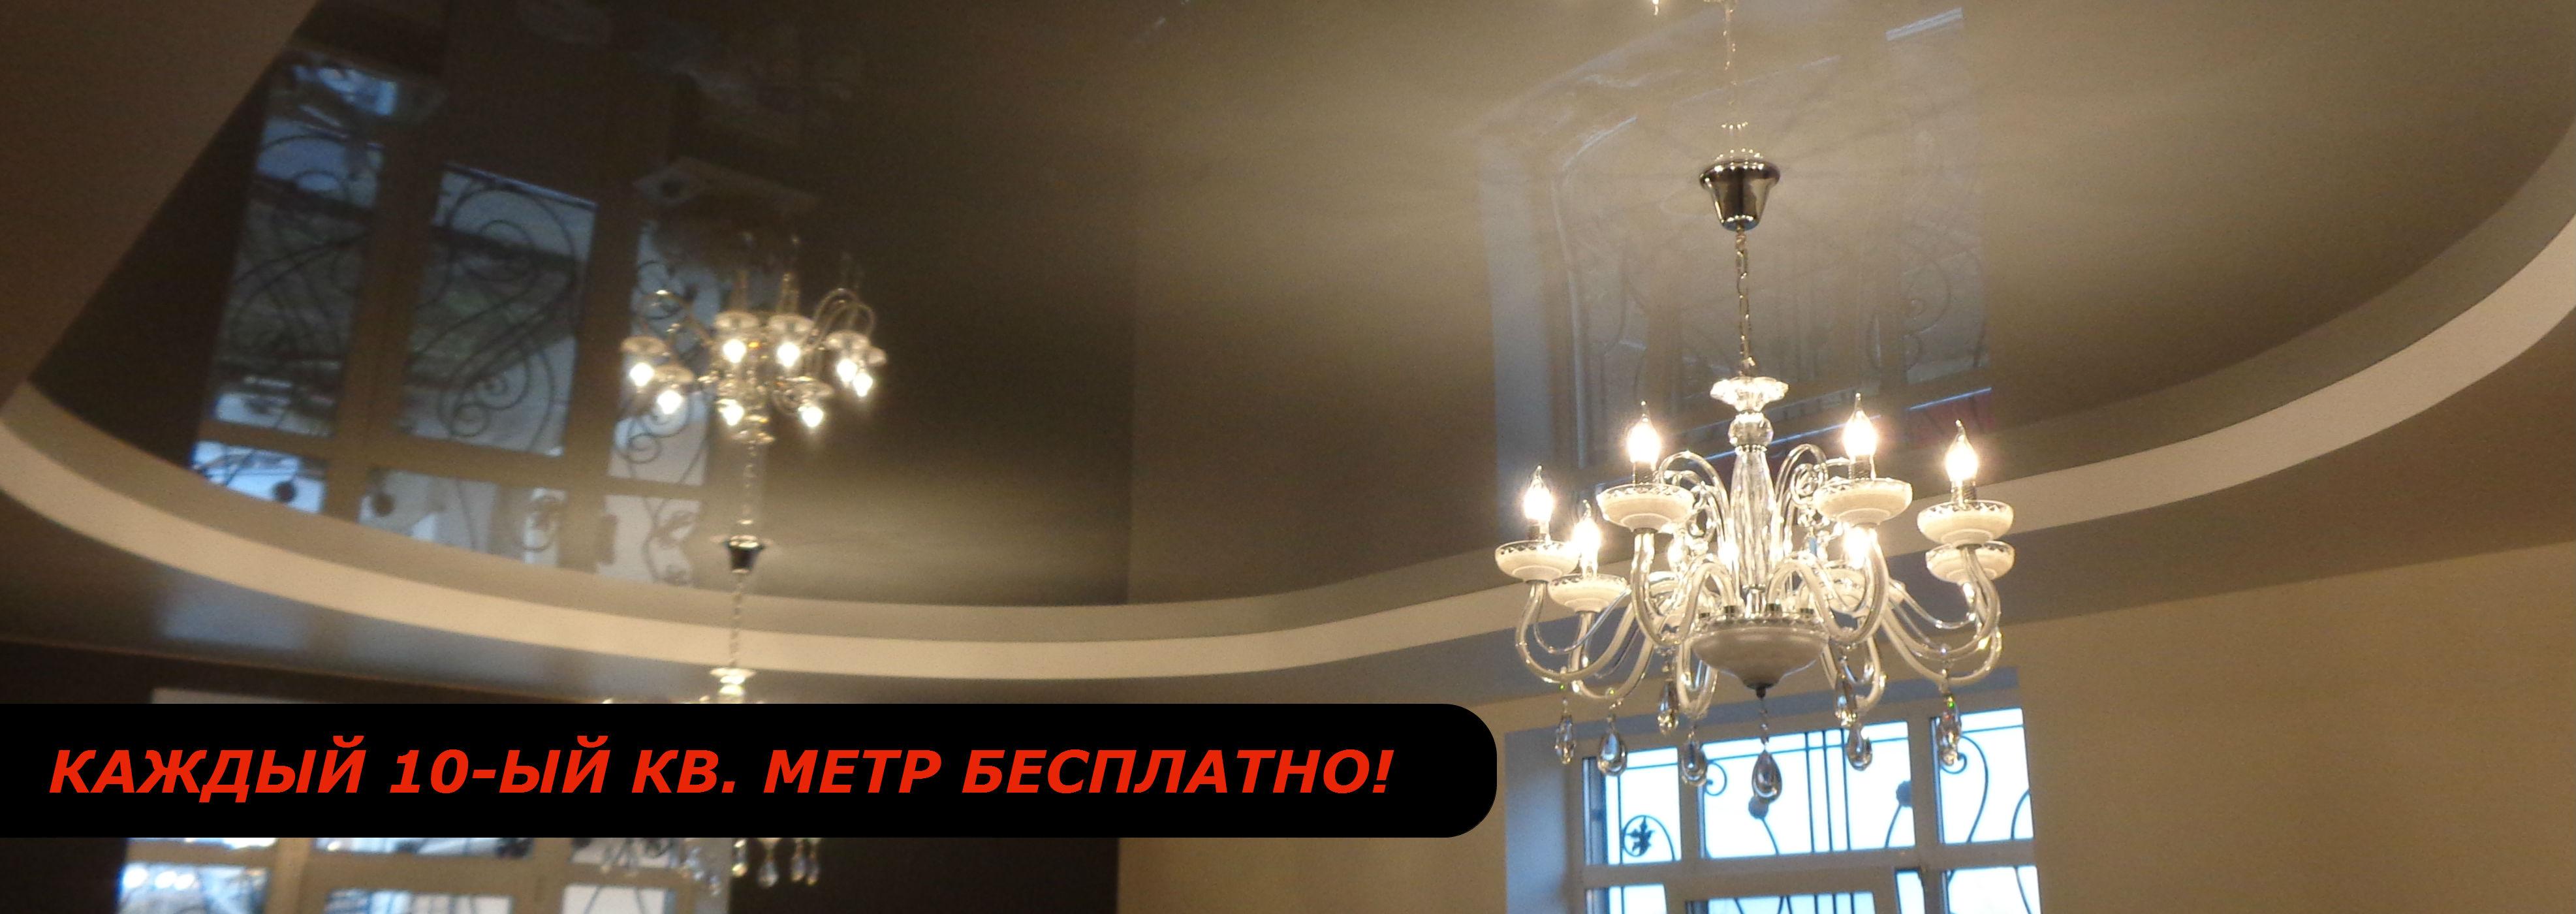 plafond pension de reversion 2010 travaux renovation appartement 224 hautes alpes soci 233 t 233 ctzvz